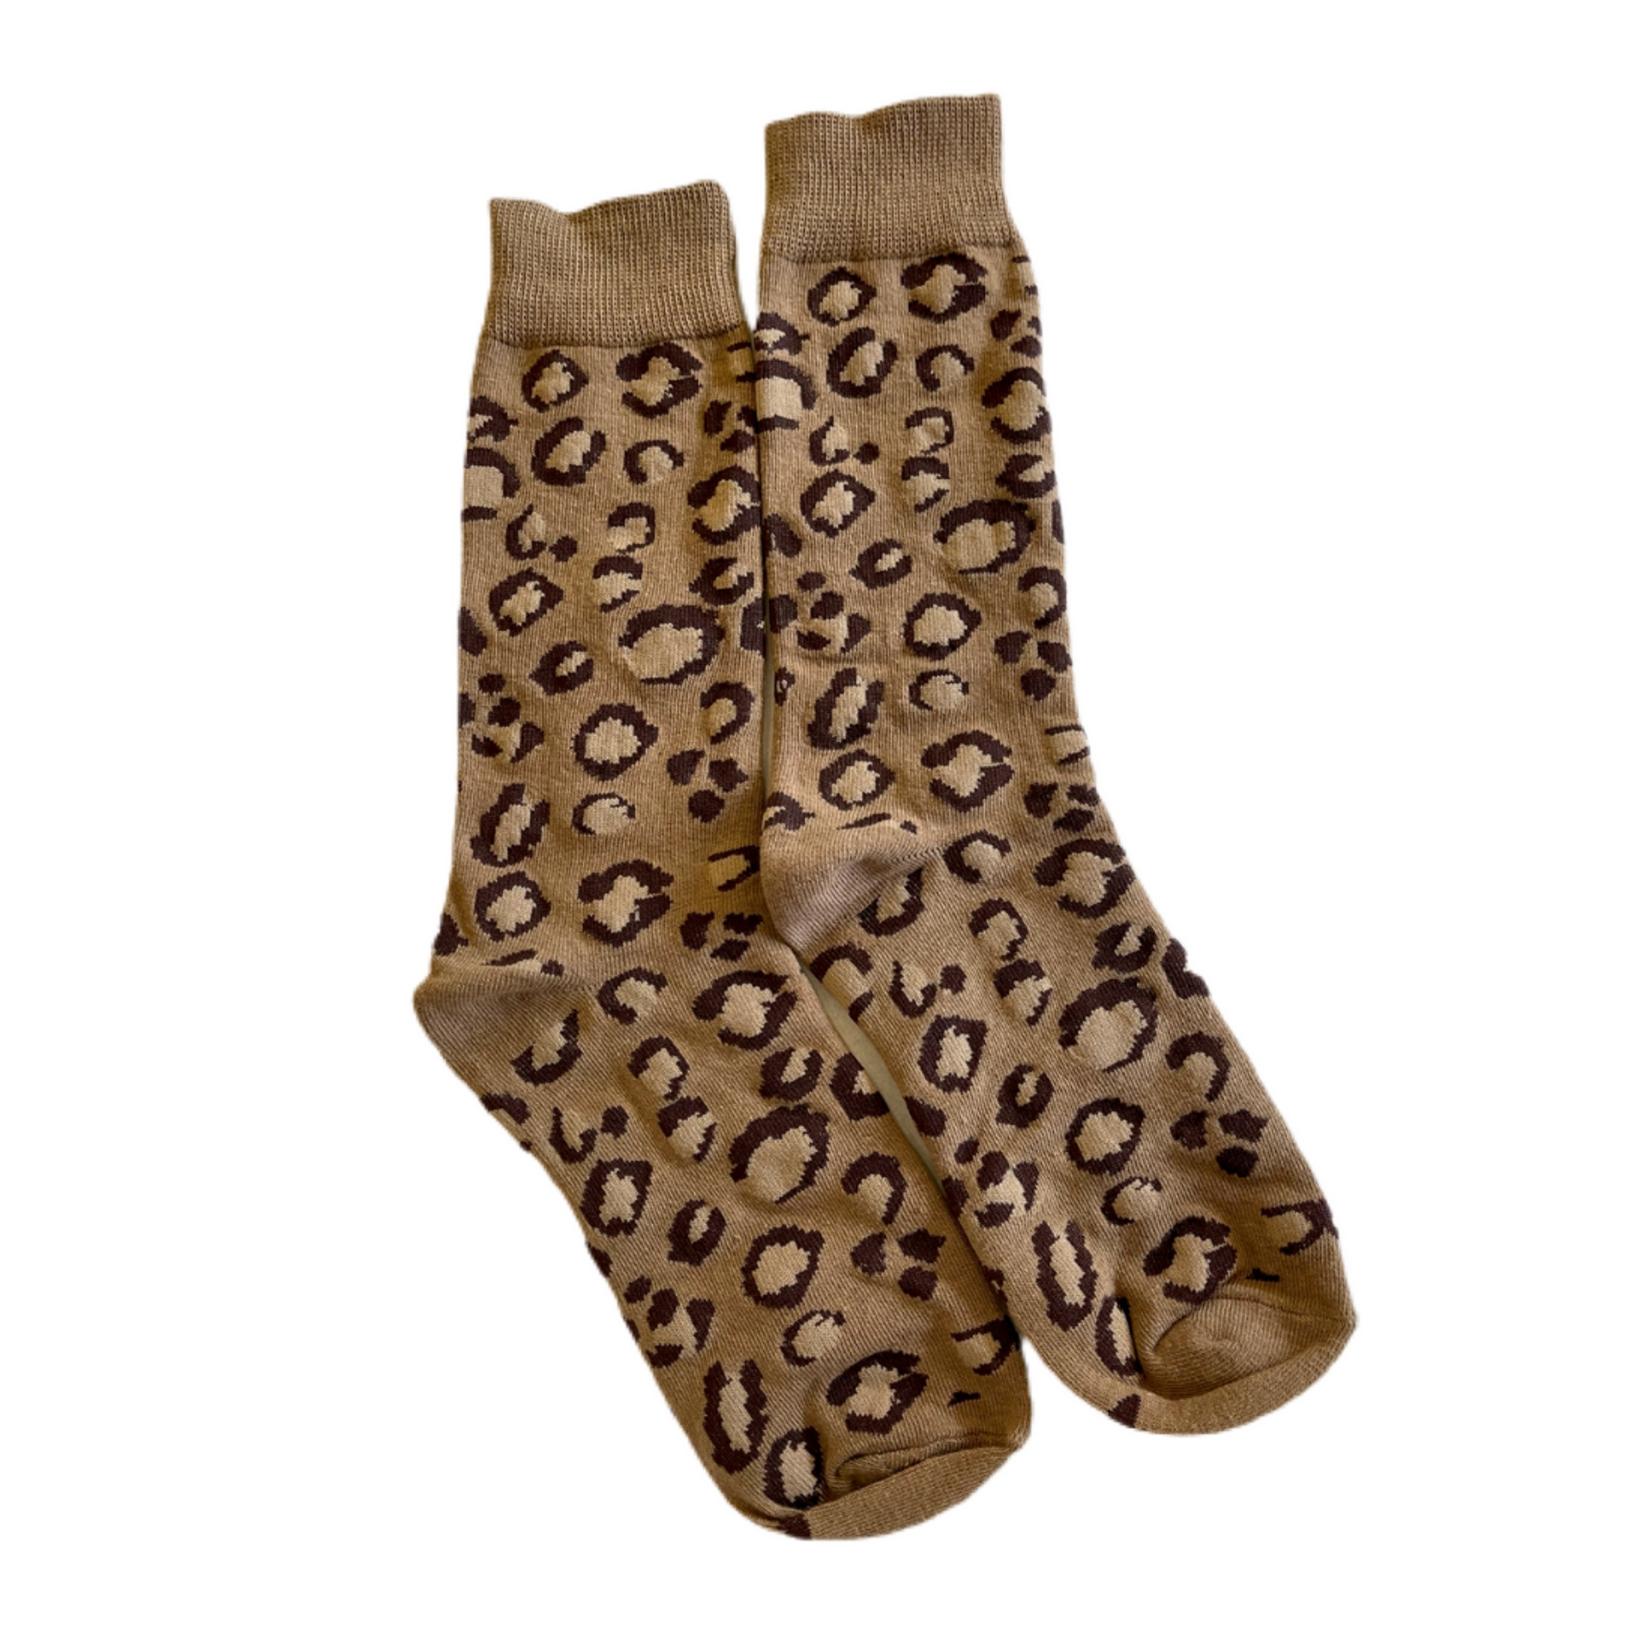 Wyld Blue Brown Leopard Socks Tall